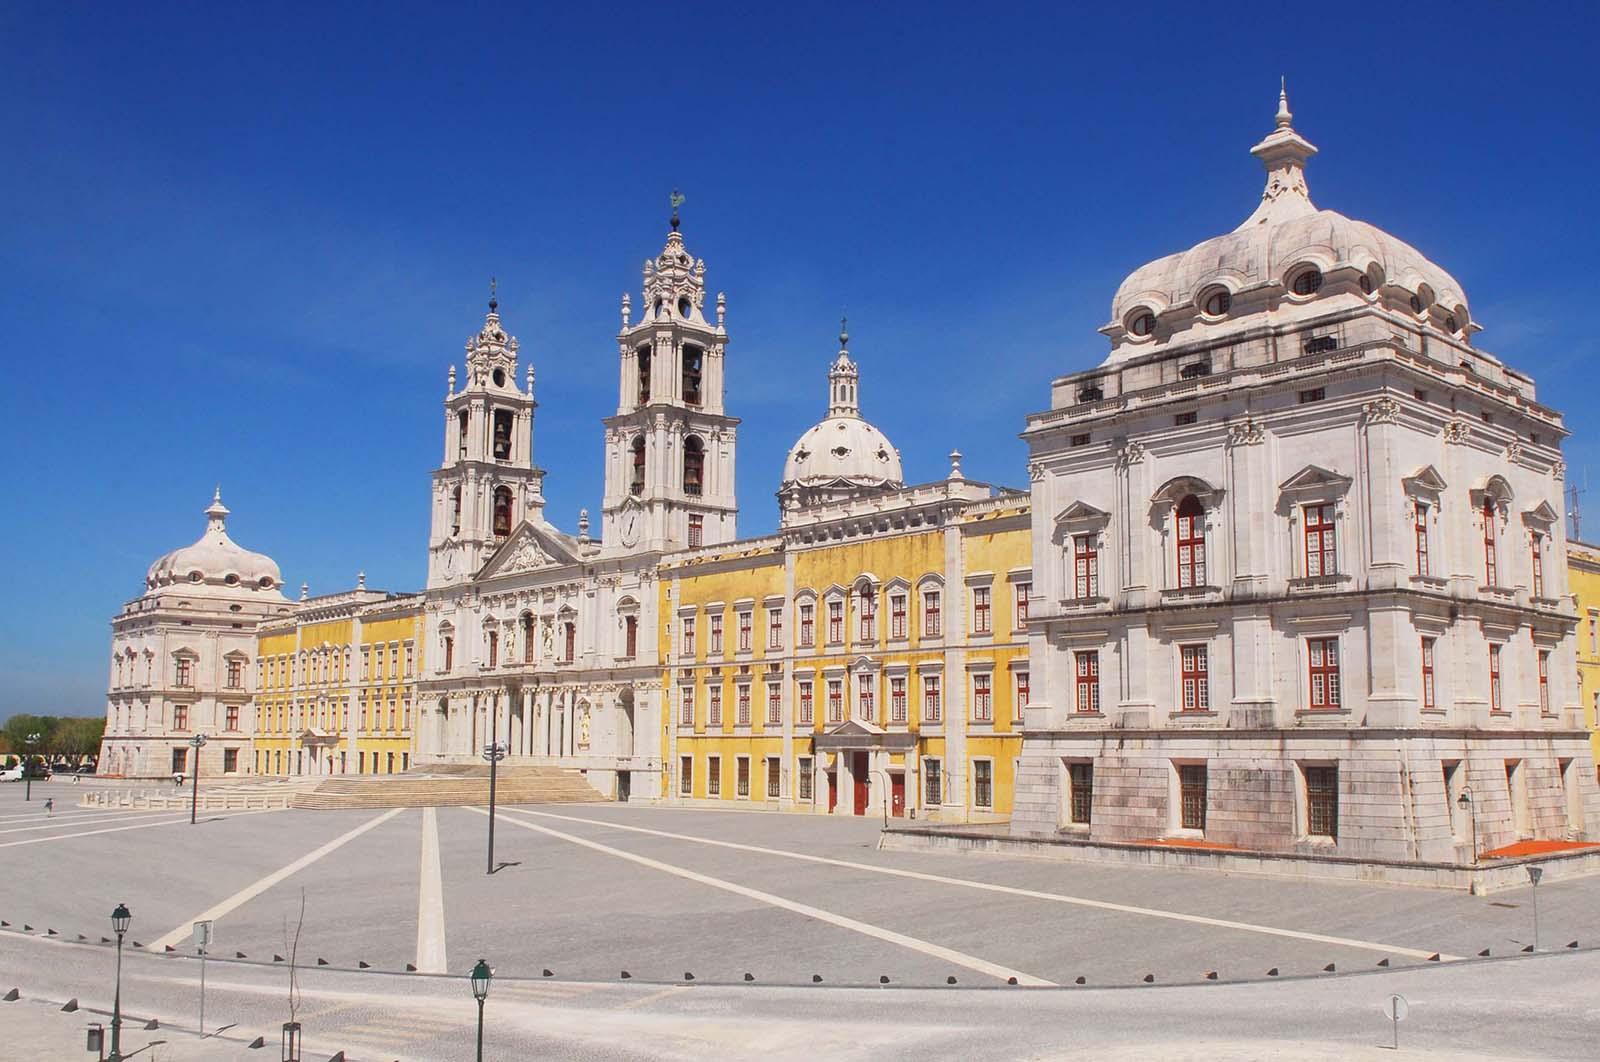 Palácio de Mafra e Santuário do Bom Jesus distinguidos pela UNESCO